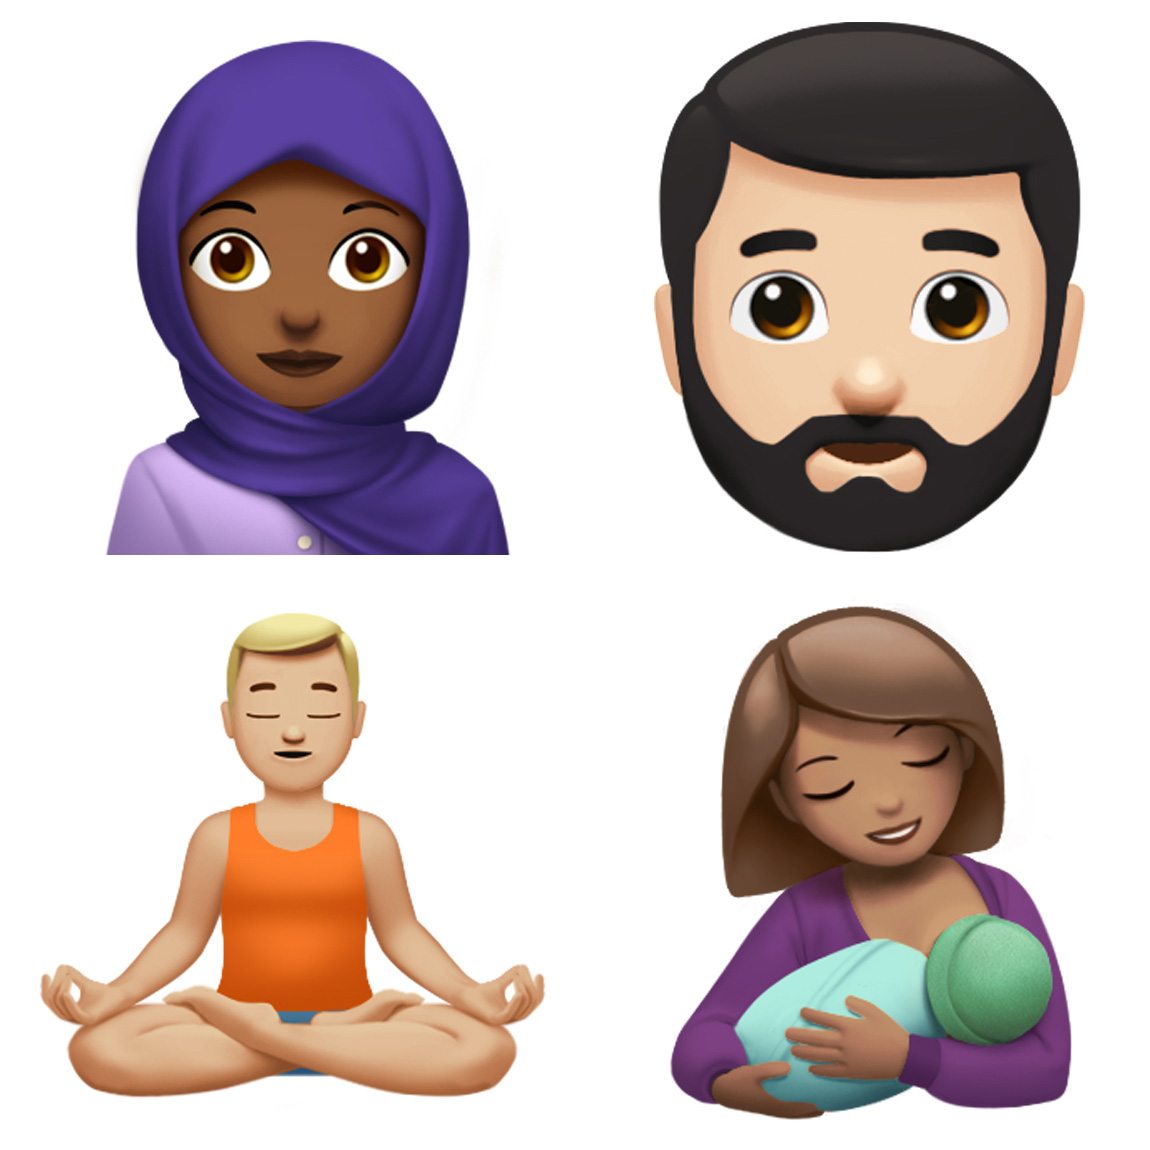 Mamás del mundo, ¡ya hay un emoji de una mamá lactando a su bebé! 🎉